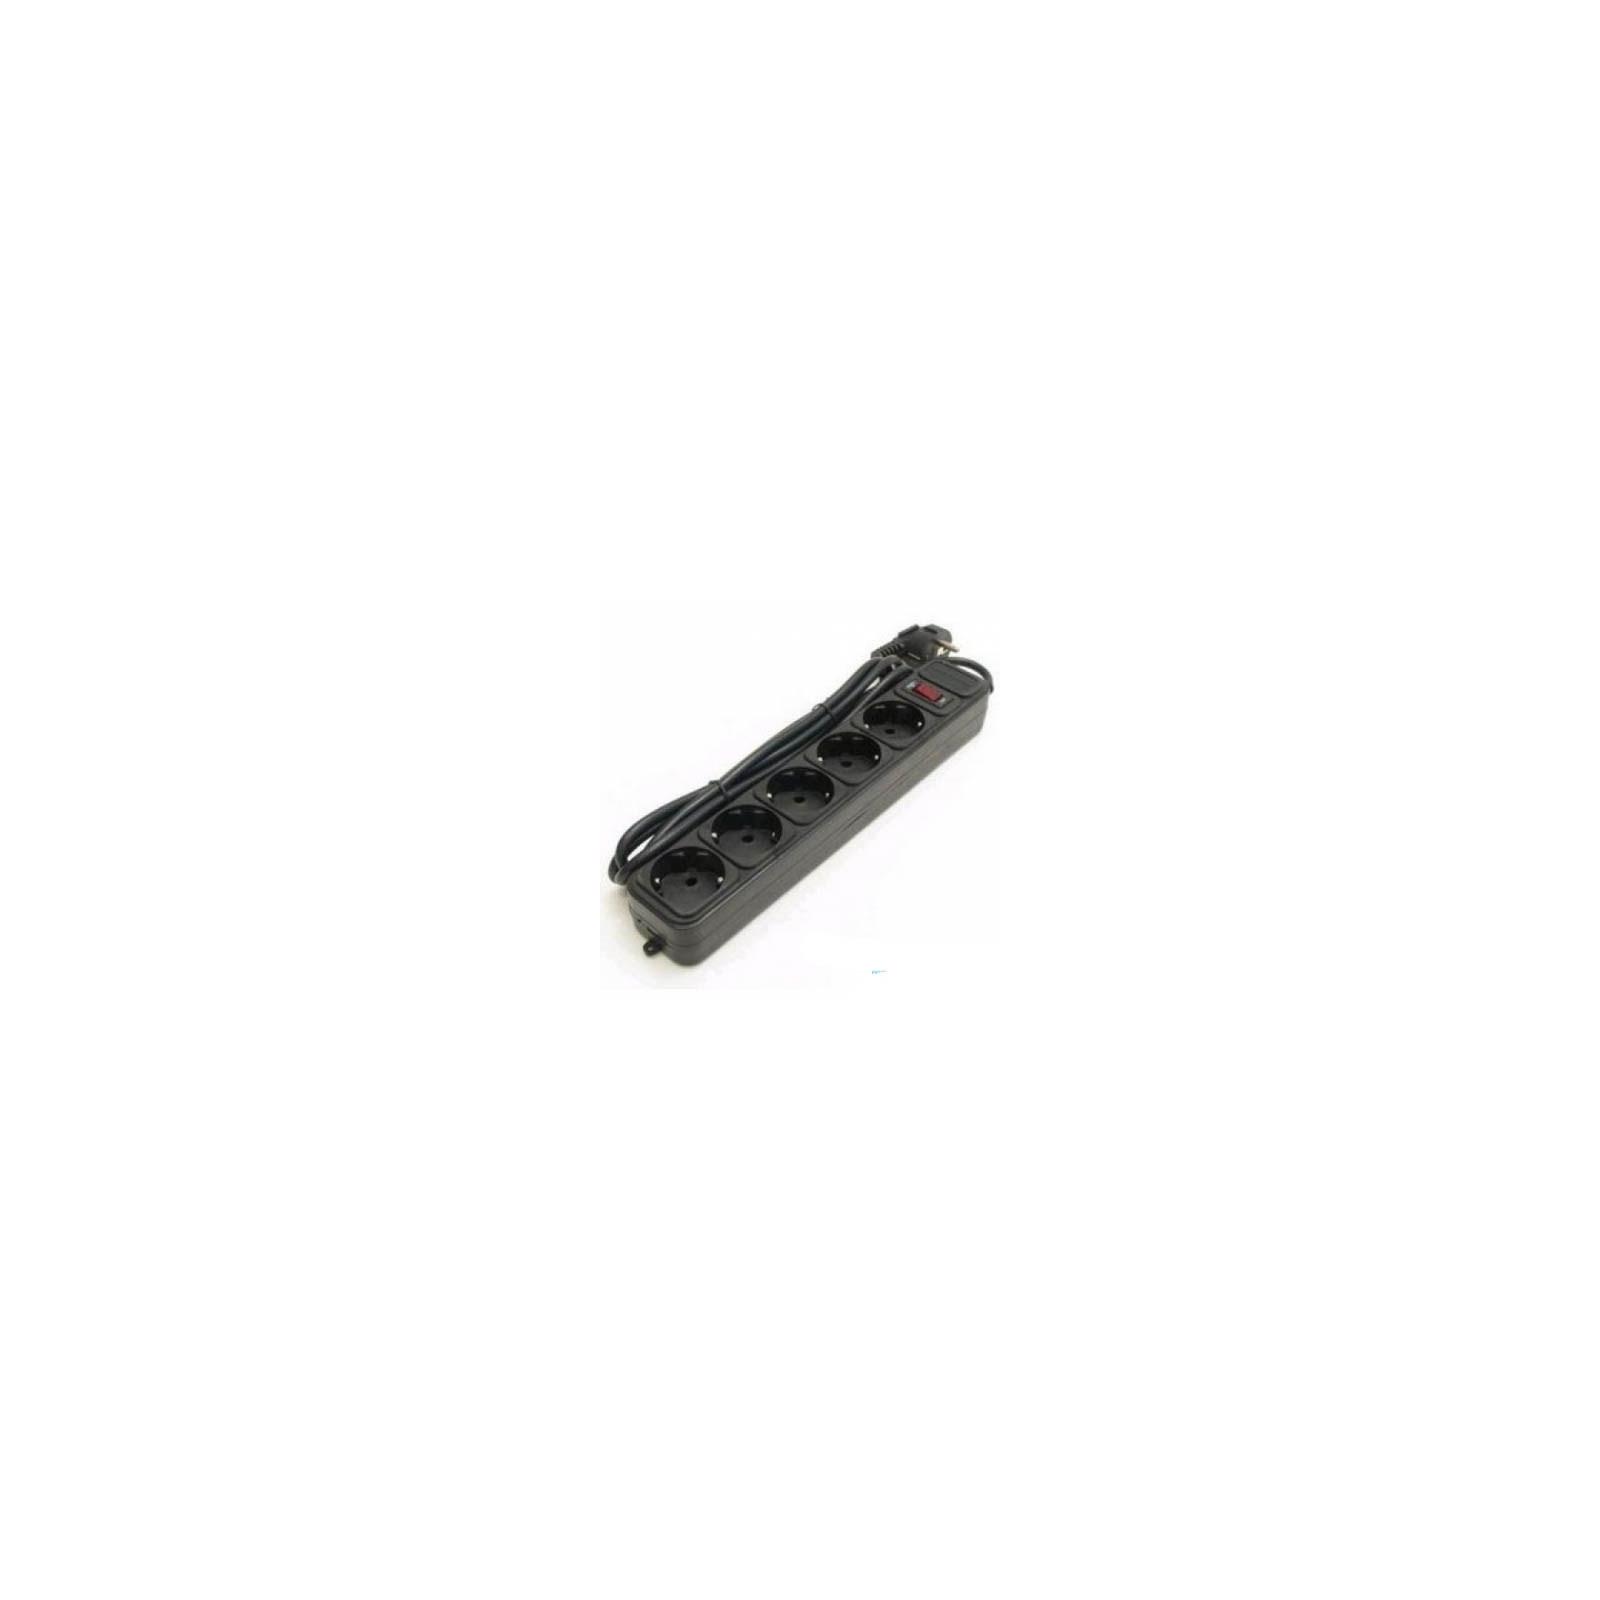 Сетевой фильтр питания Surgerprotector SPG6-PC-6 (SPG5-PC-6B/ SP5-G-6B)